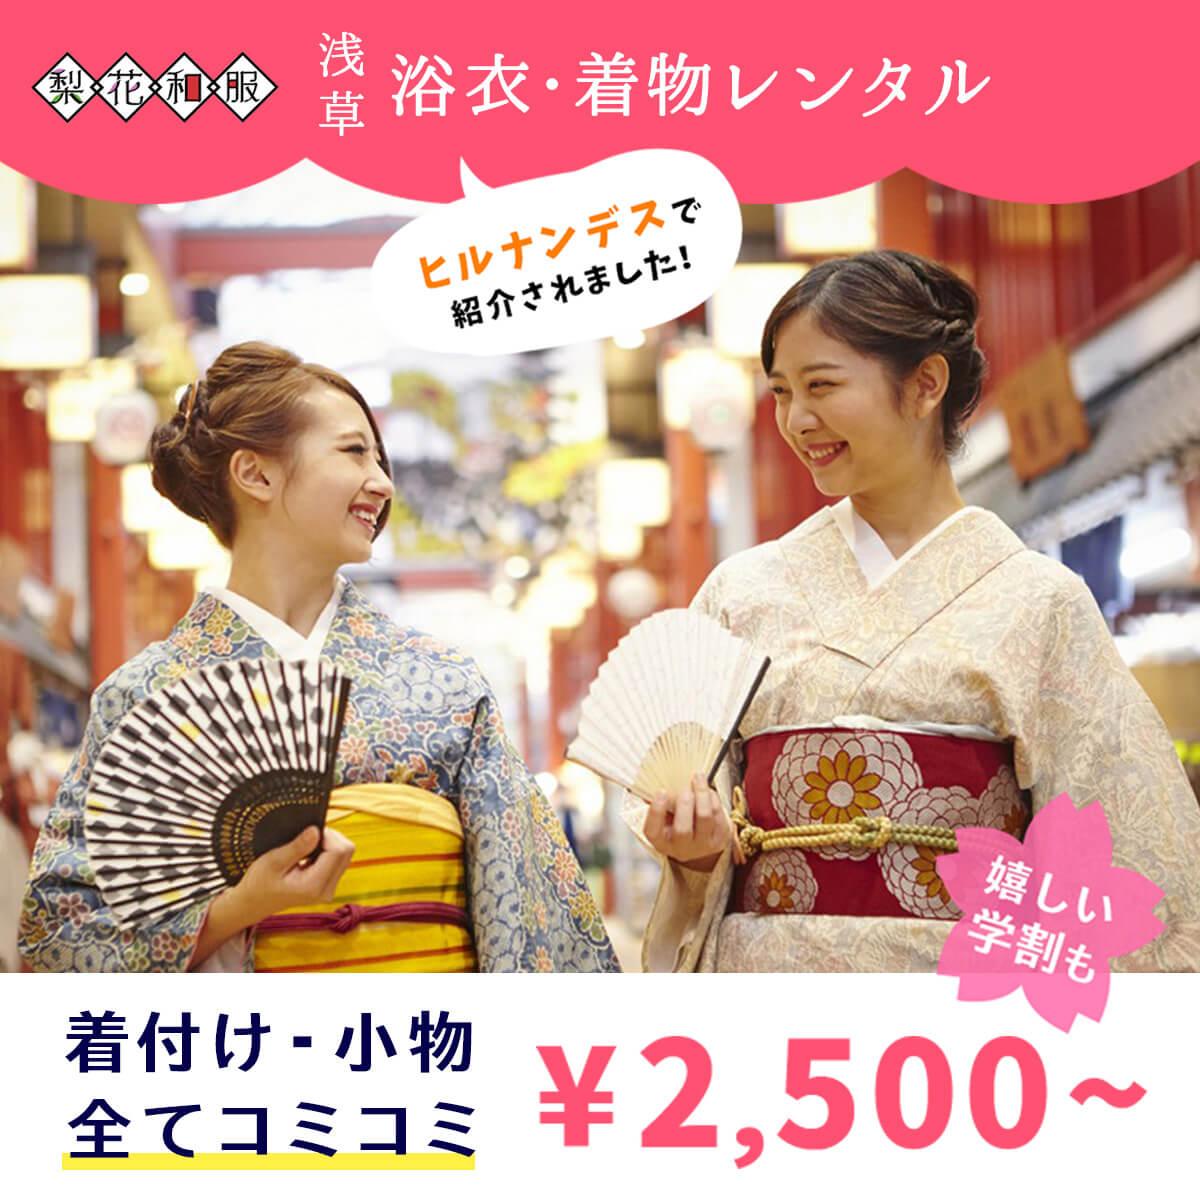 浅草 着物レンタル 梨花和服は芸能人もよく利用!